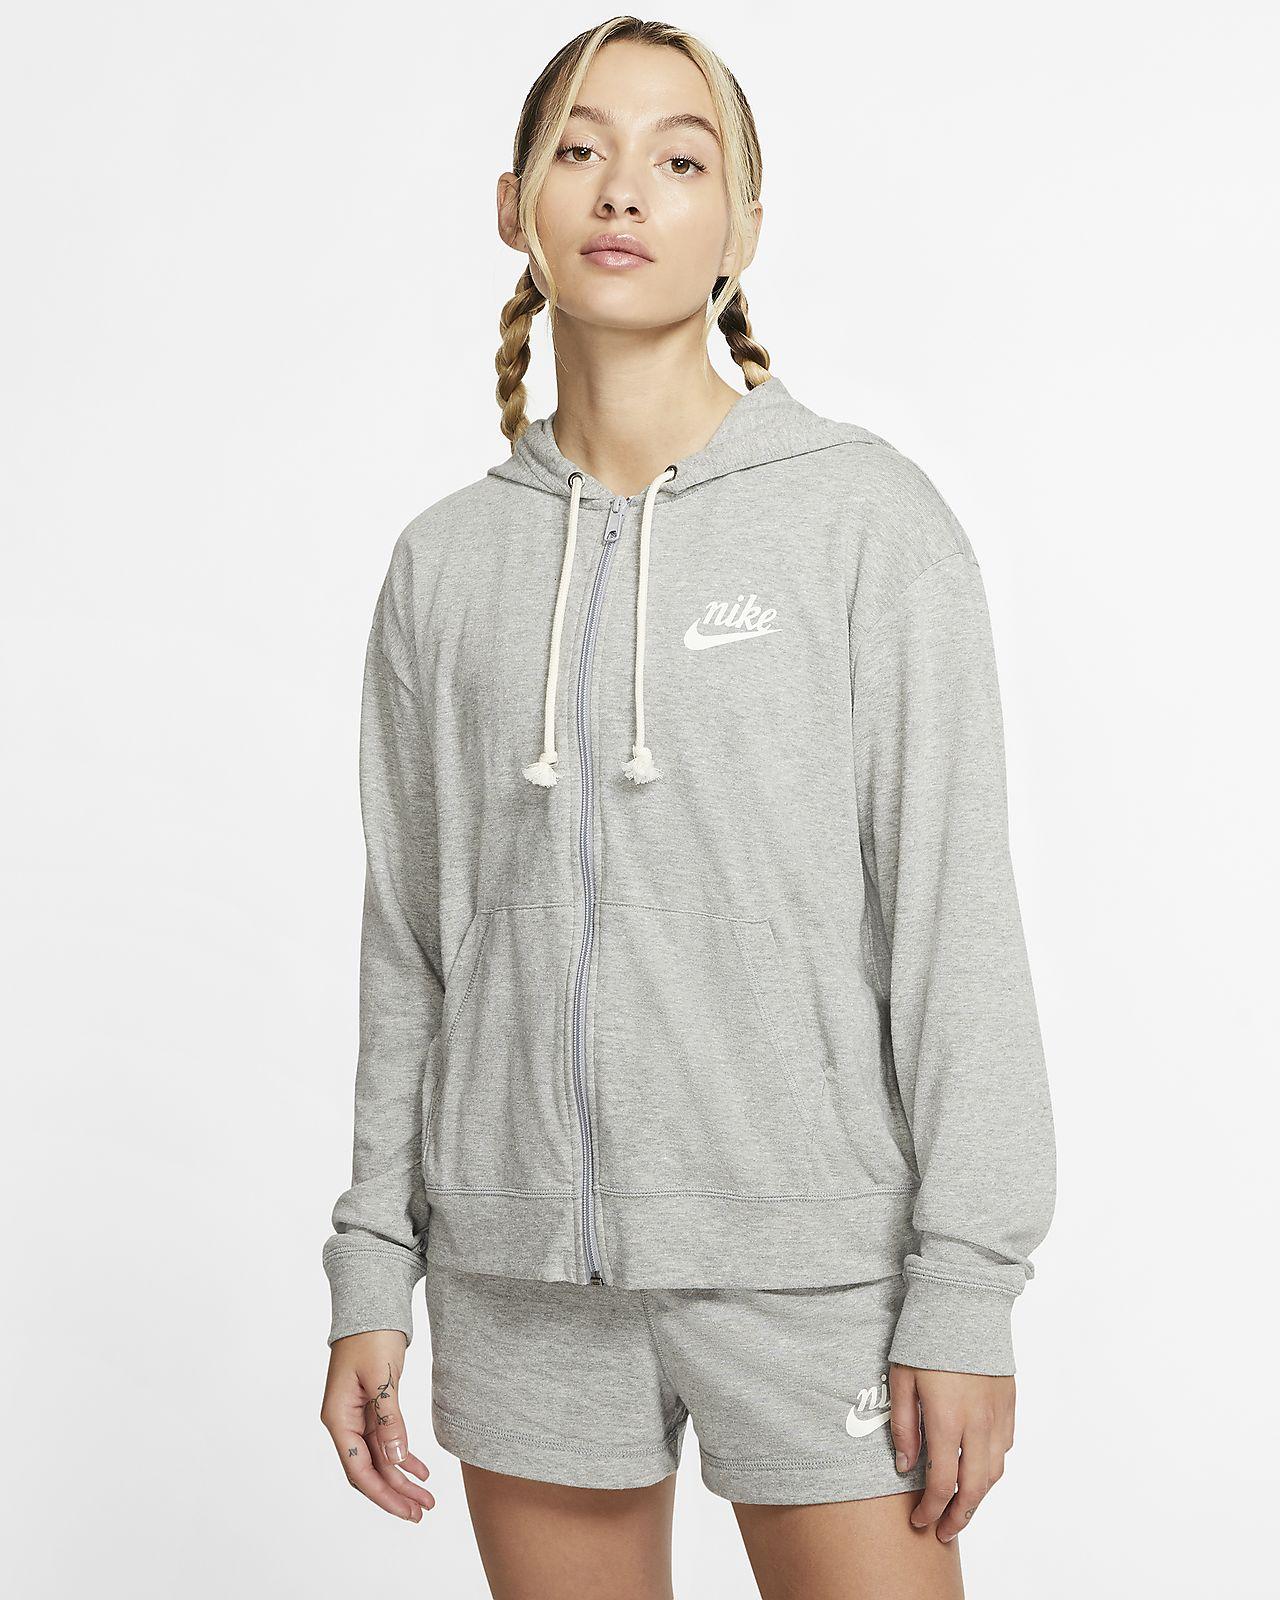 Hoodie Nike Damen